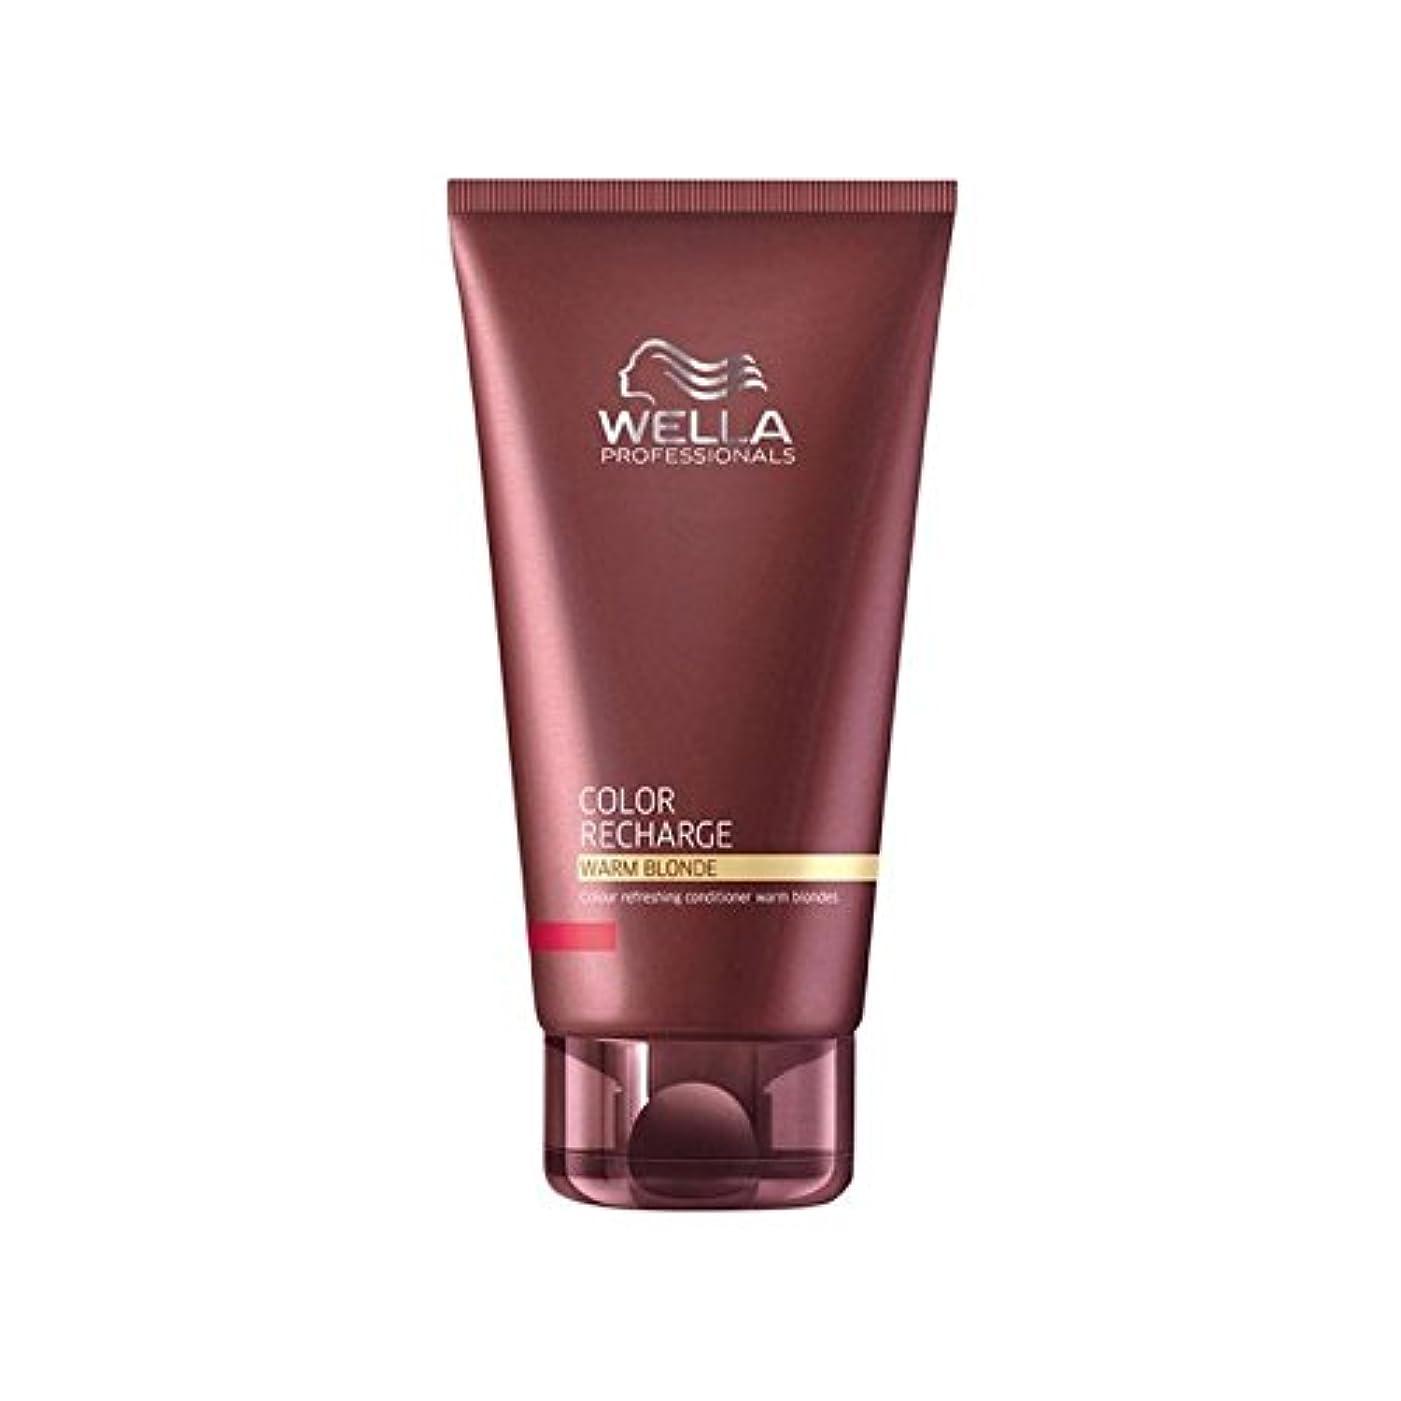 子羊マーキング精神ウエラ専門家のカラー再充電コンディショナー暖かいブロンド(200ミリリットル) x4 - Wella Professionals Color Recharge Conditioner Warm Blonde (200ml...